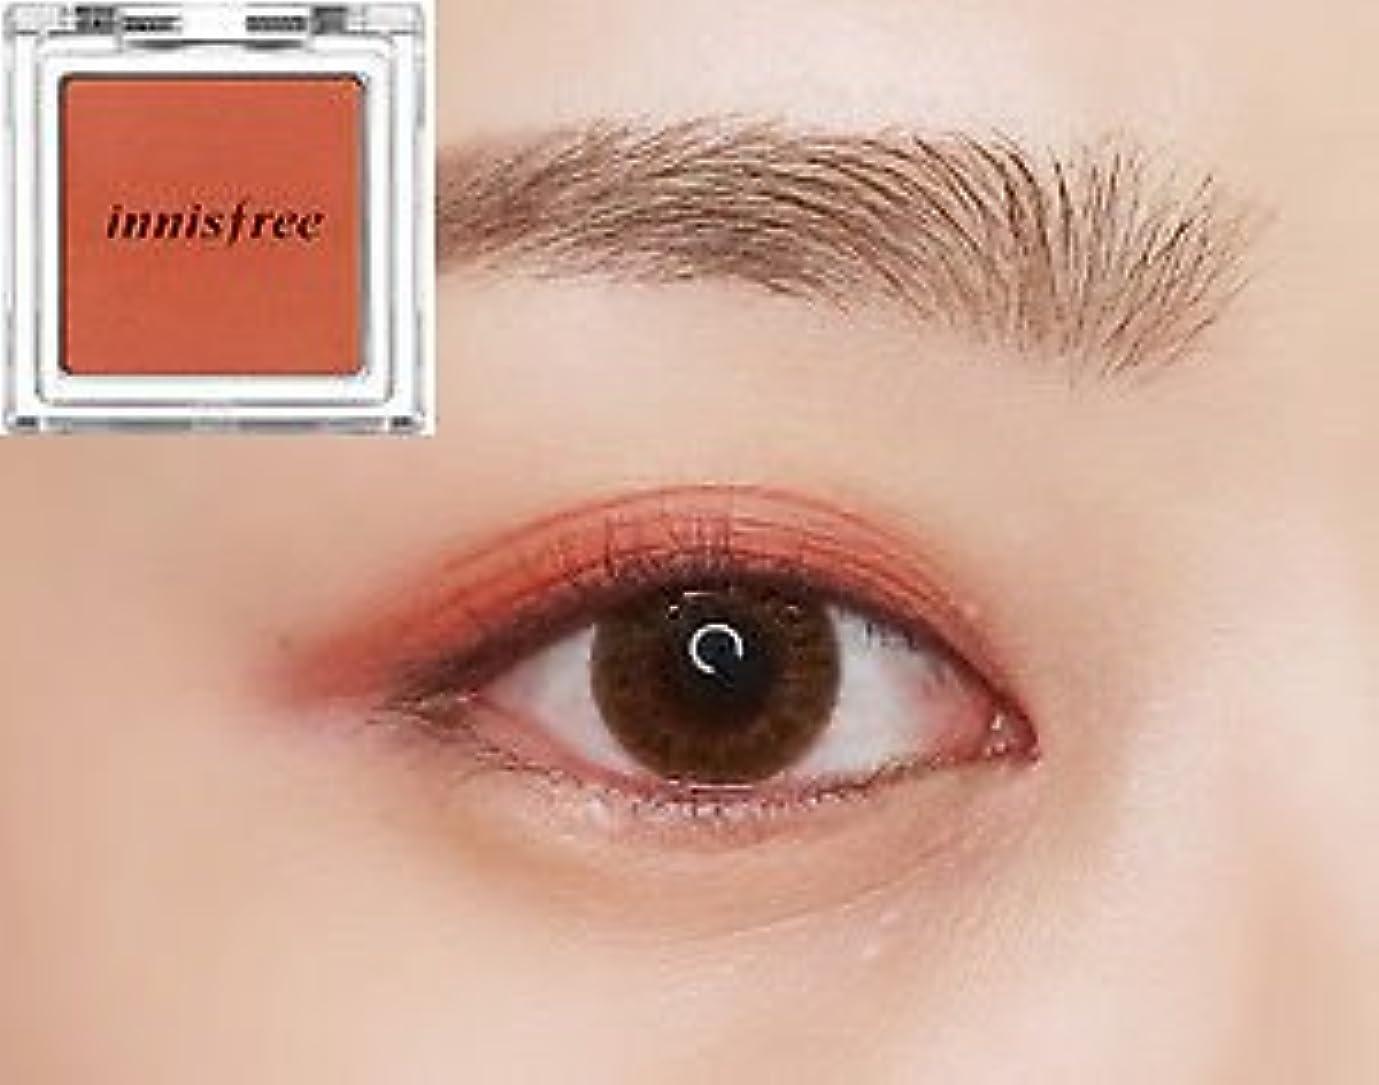 非難常習的石膏[イニスフリー] innisfree [マイ パレット マイ アイシャドウ (マット) 40カラー] MY PALETTE My Eyeshadow (Matte) 40 Shades [海外直送品] (マット #34)